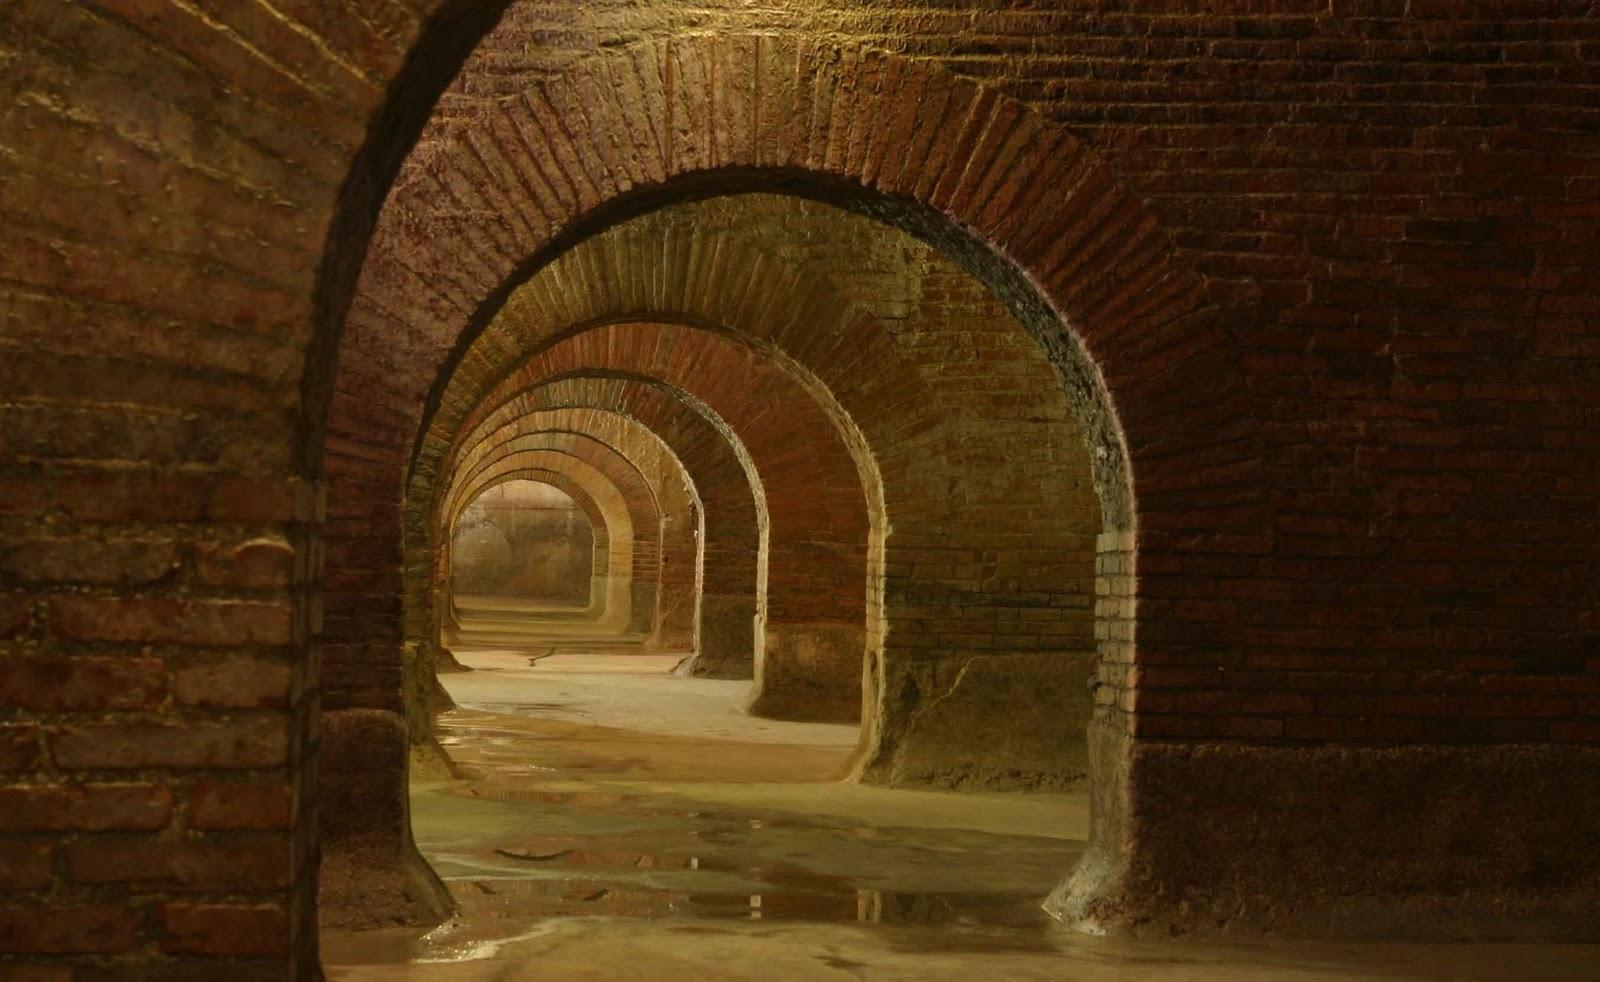 Le cisterne romane di Fermo © Sistema Museale Marca Fermana